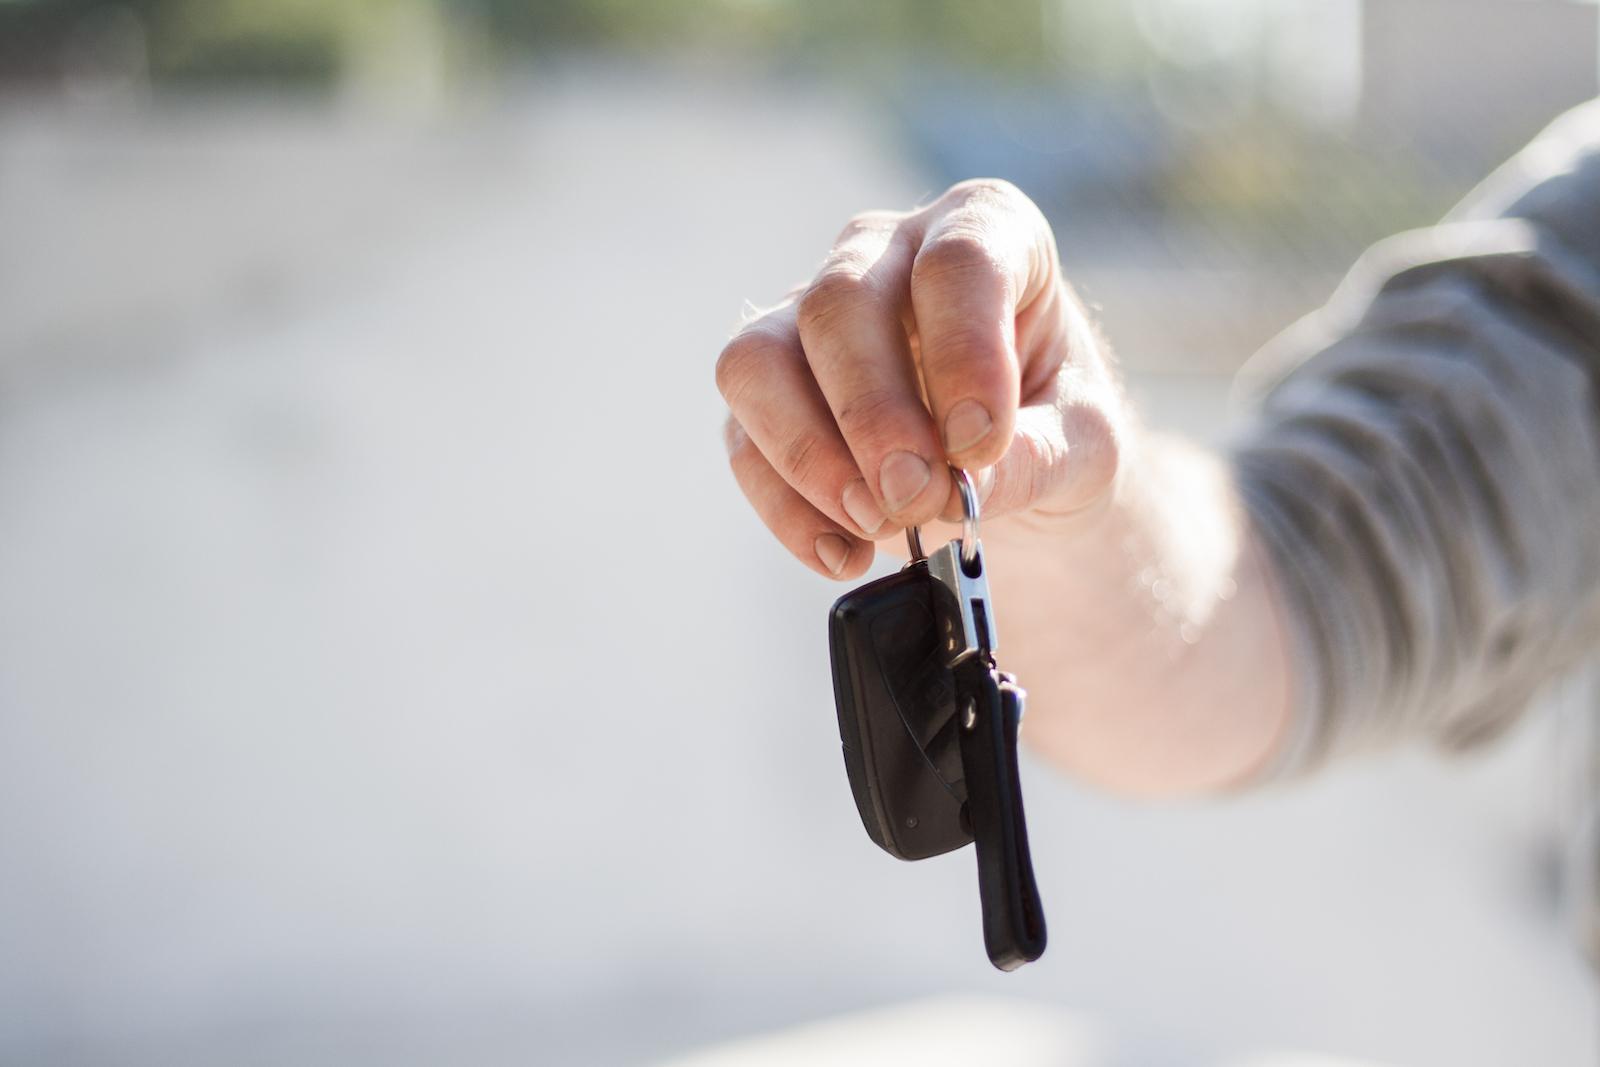 Vorzeitige Kündigung des Autoleasingvertrages